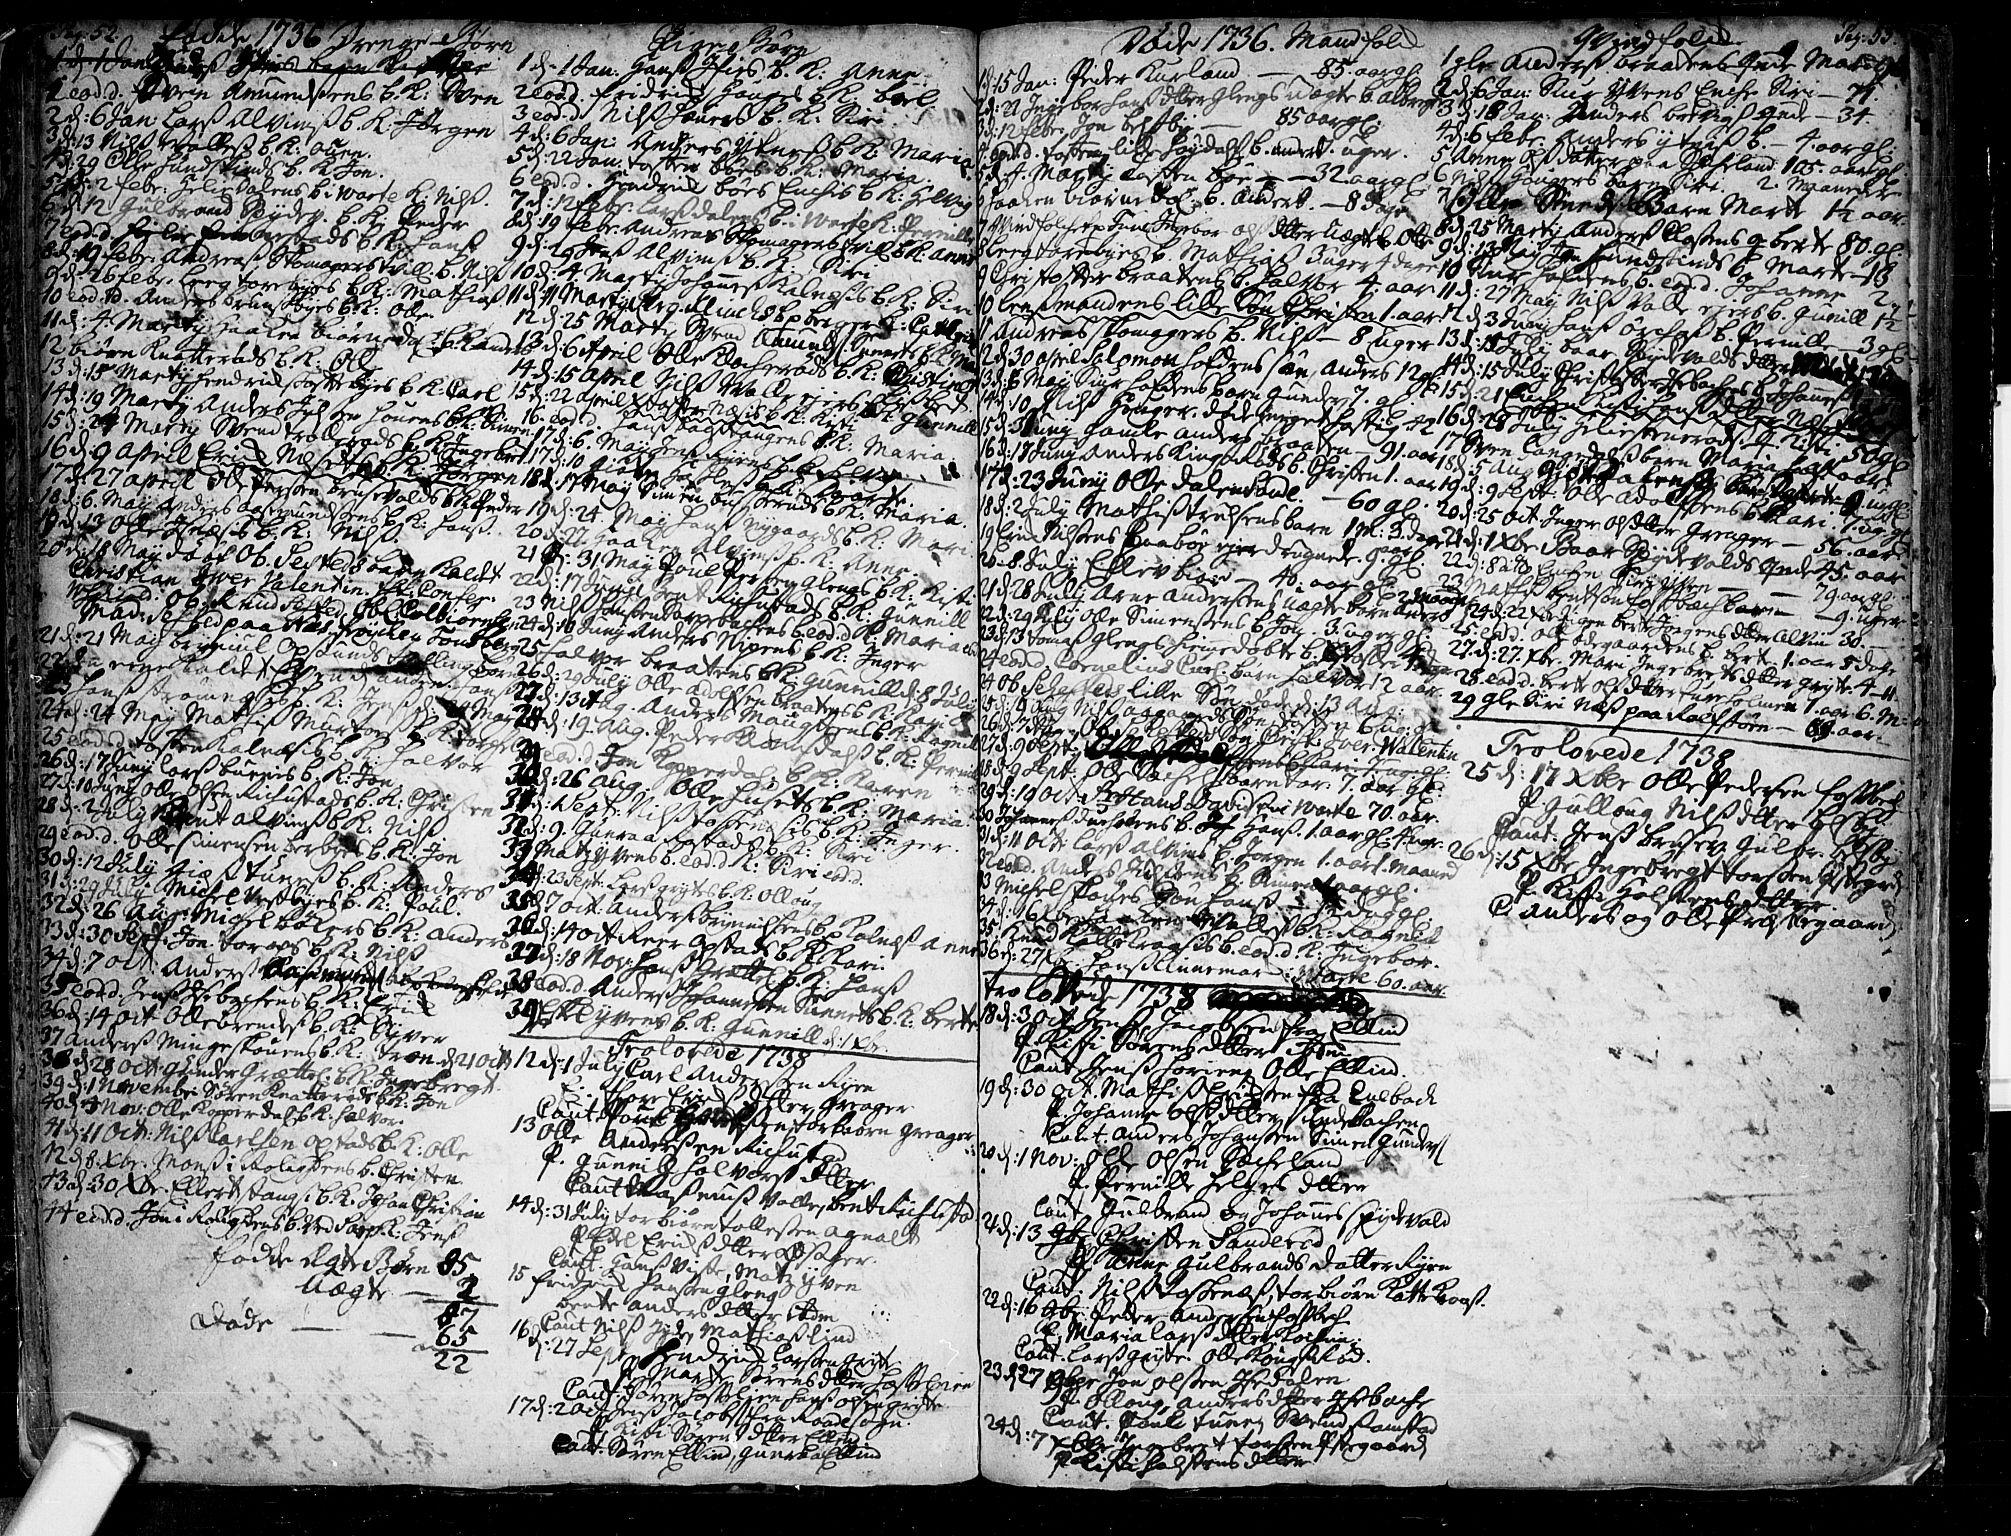 SAO, Tune prestekontor Kirkebøker, F/Fa/L0001: Ministerialbok nr. 1, 1720-1758, s. 52-53